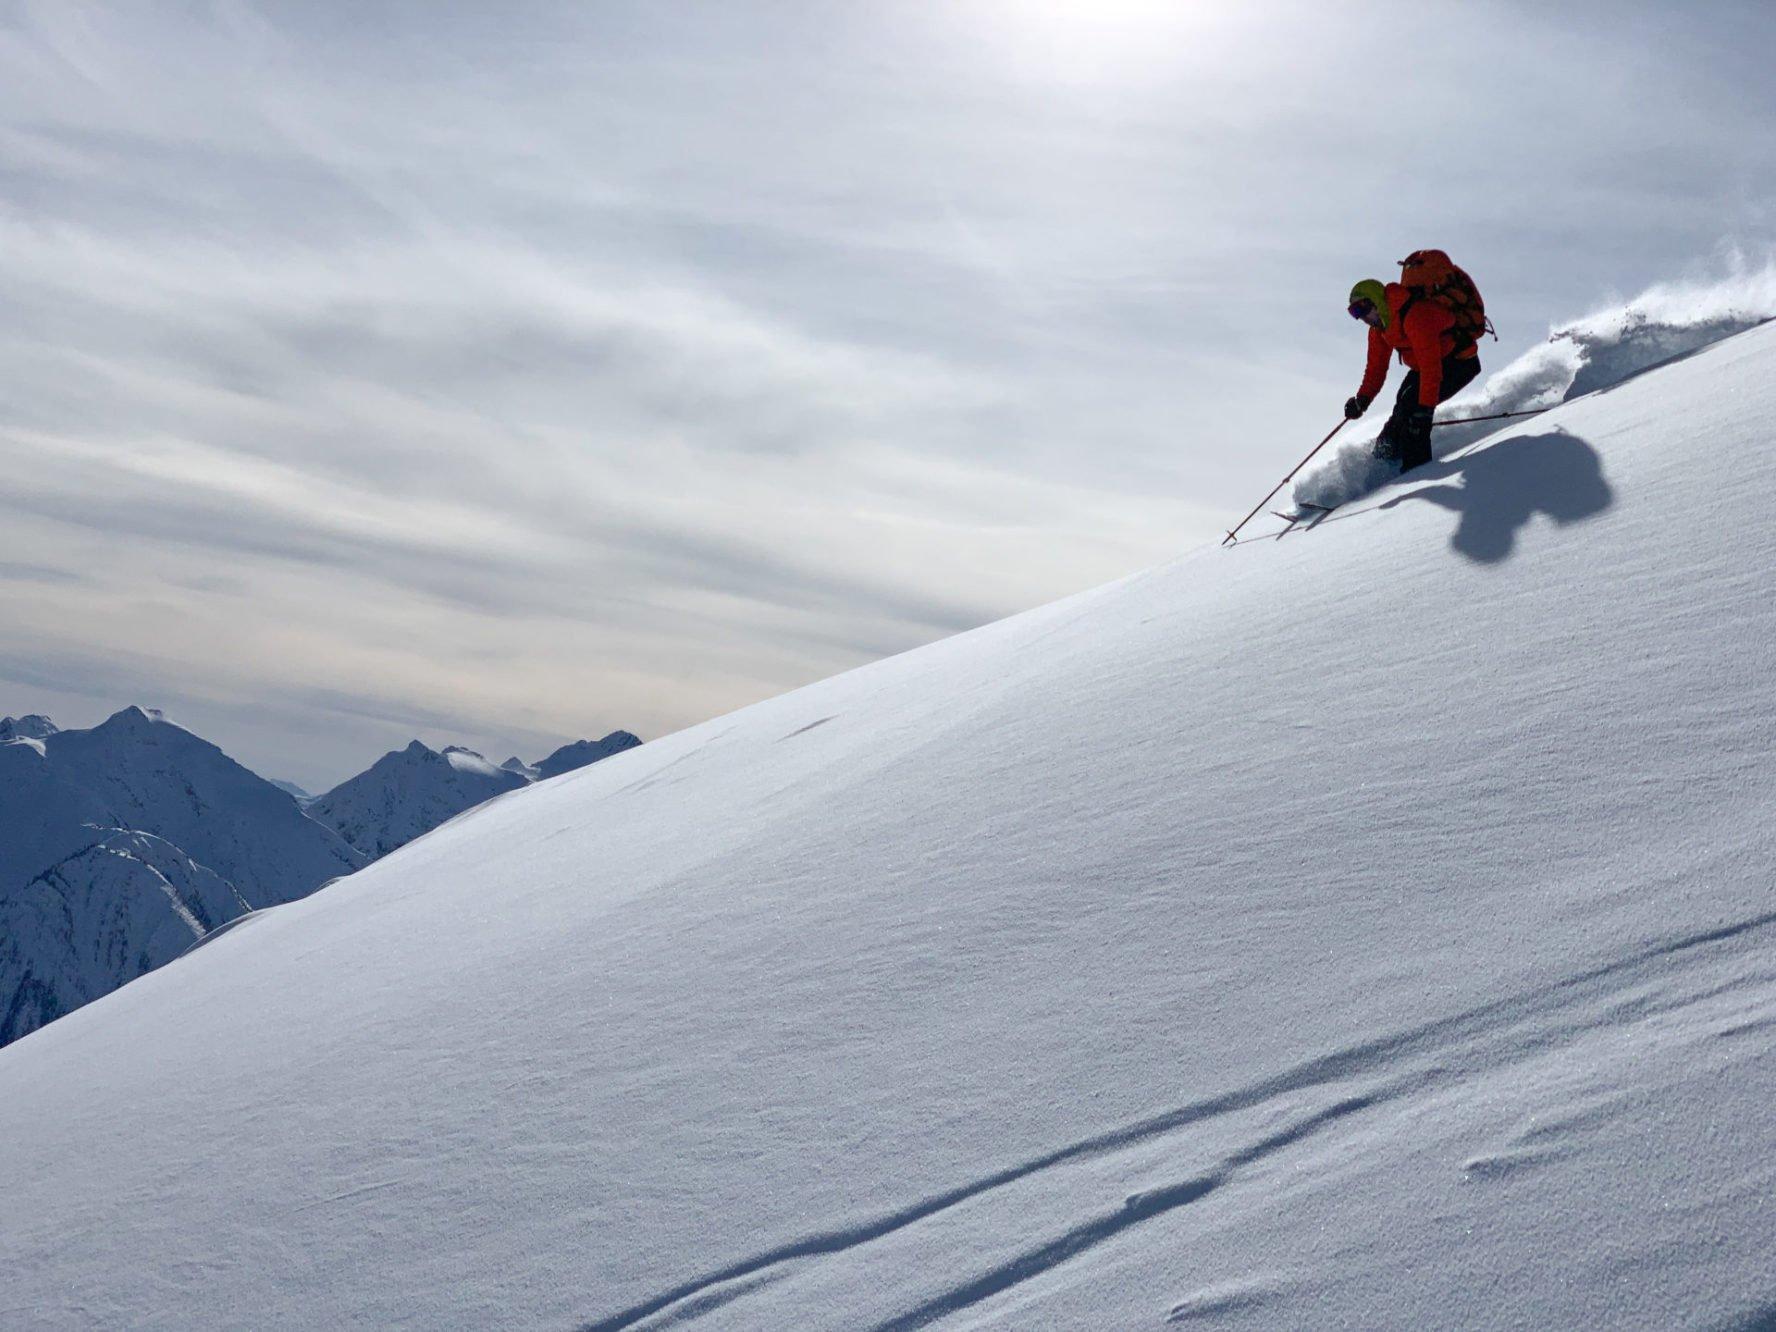 Superb powder skiing